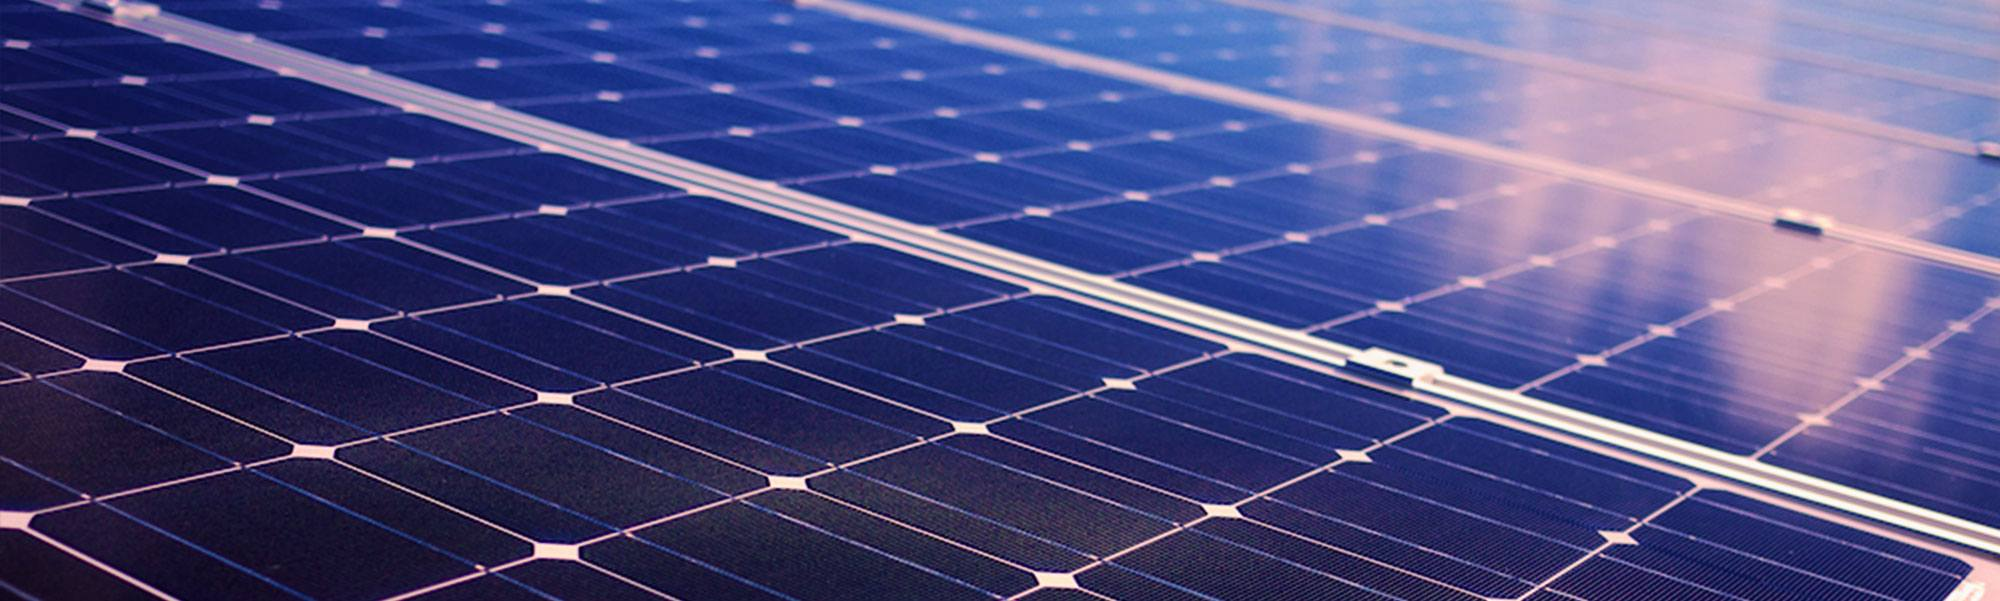 Isenções fiscais no Setor Solar avançam no Brasil